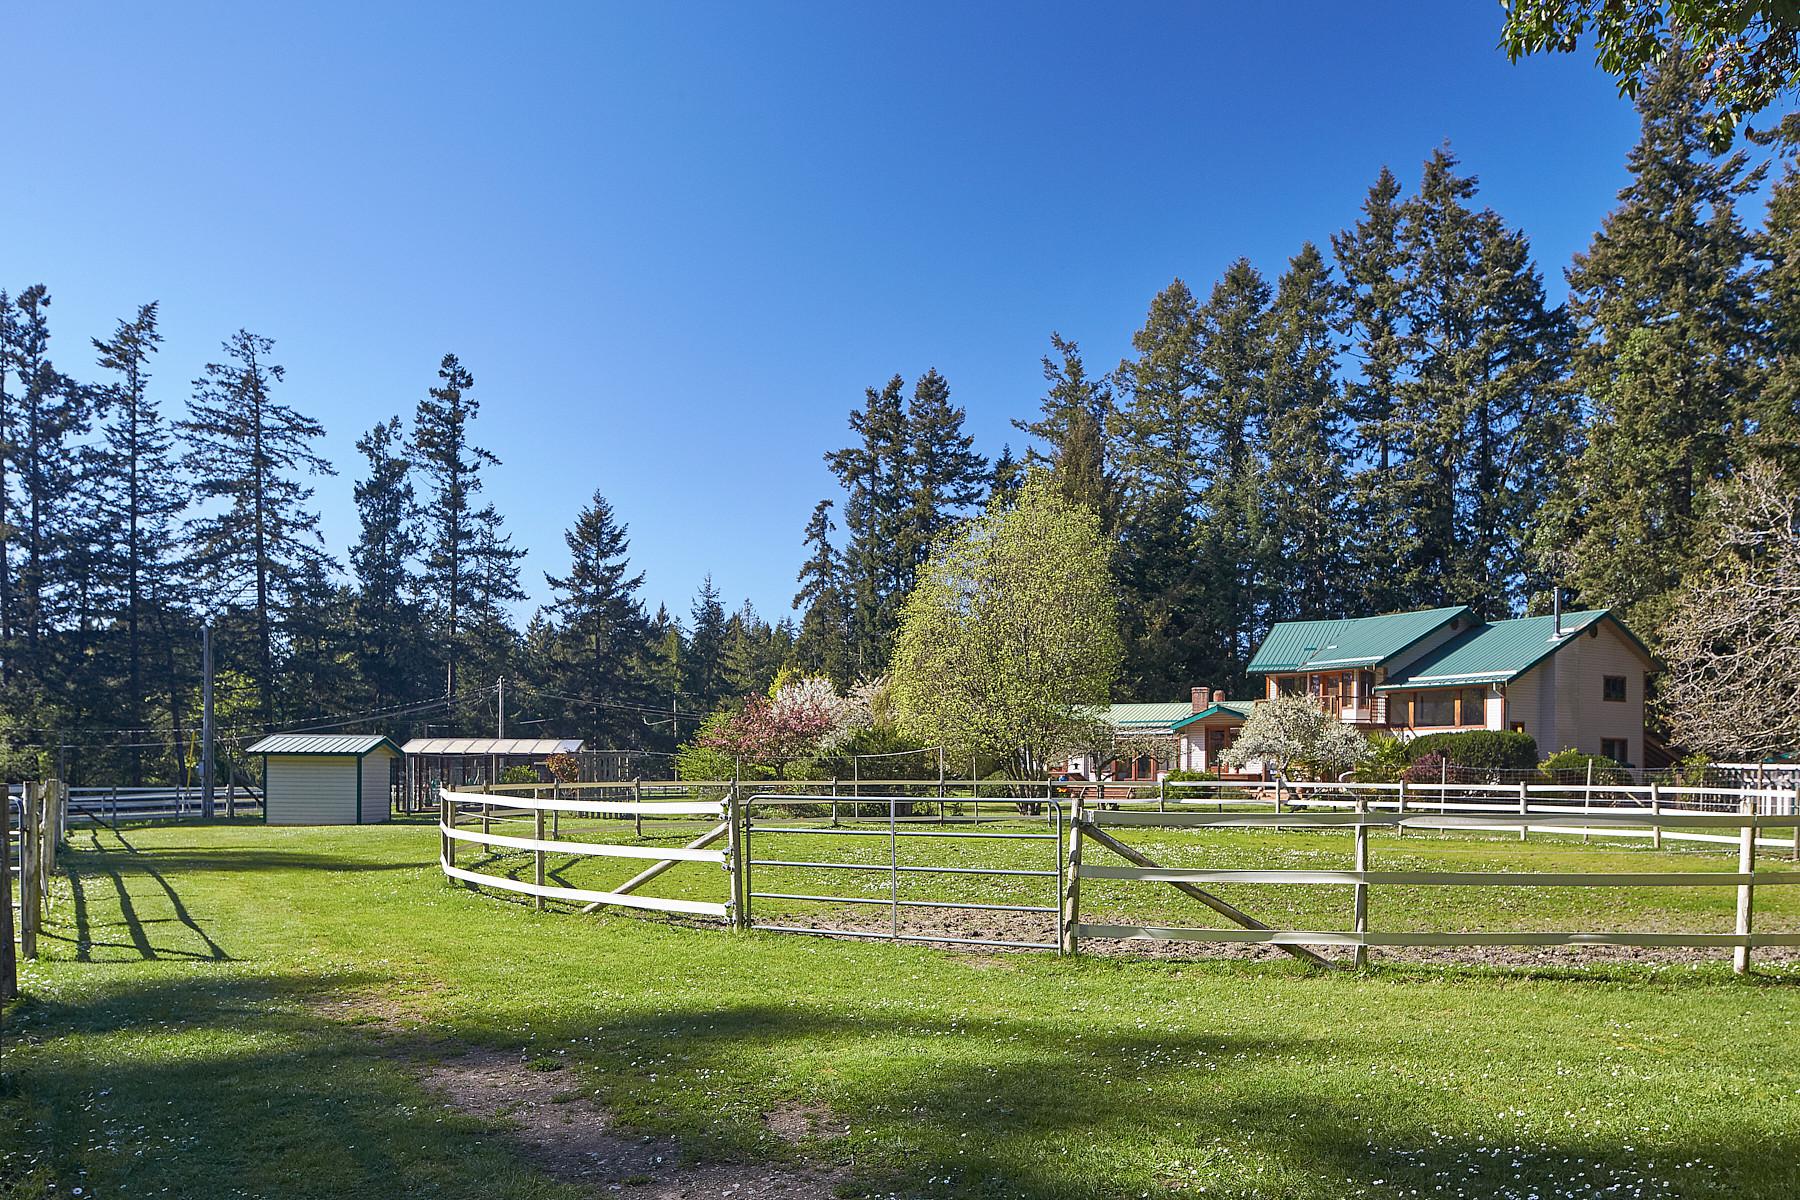 Additional photo for property listing at 10 Acre Equine Estate 700 Upper Ganges Road Salt Spring Island, Британская Колумбия V8K 1S1 Канада